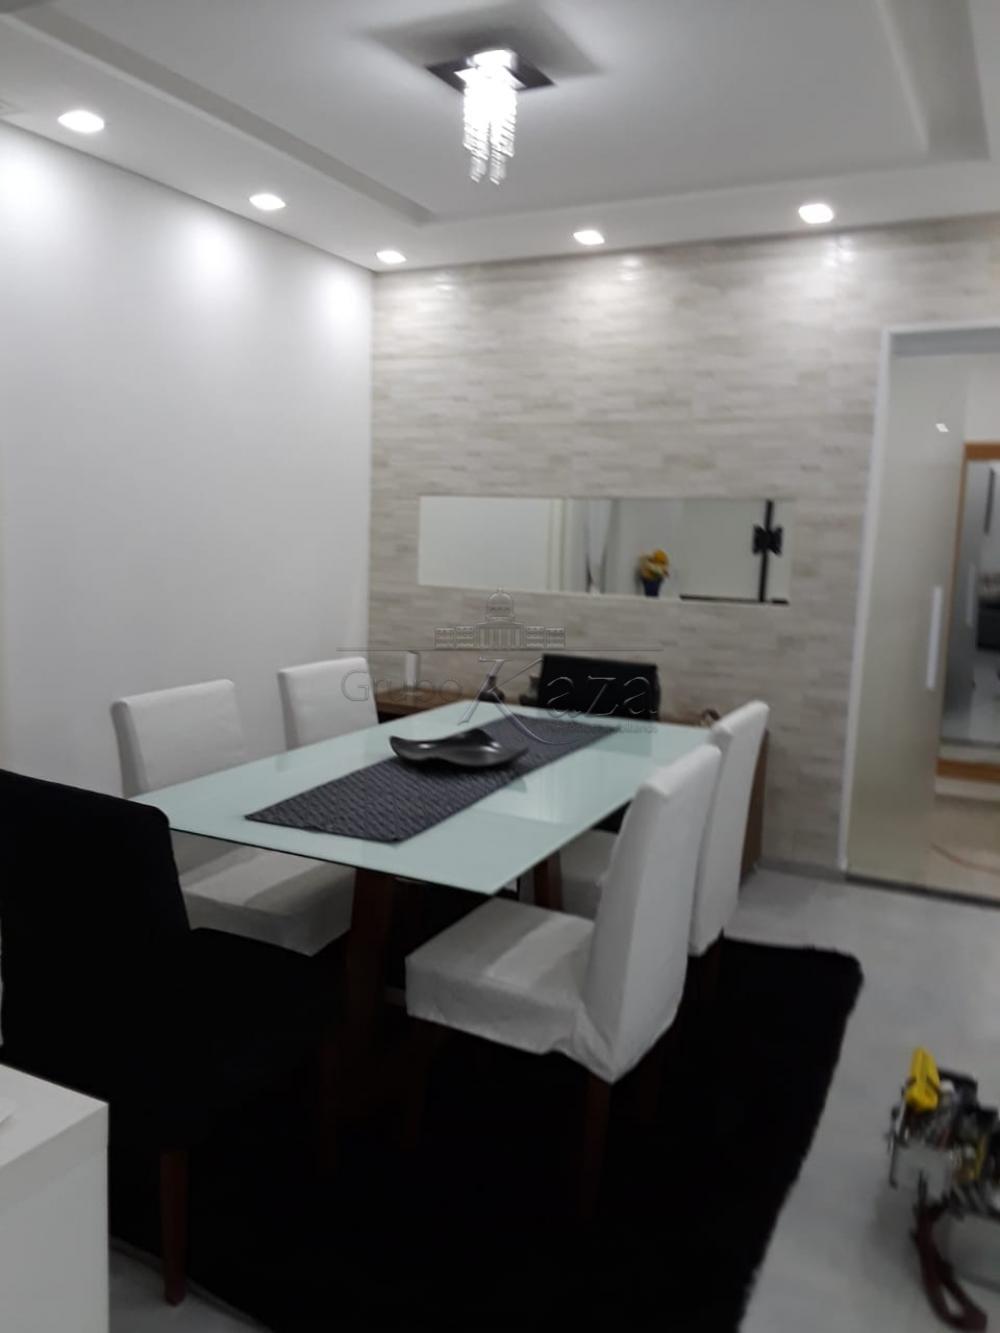 Alugar Apartamento / Padrão em São José dos Campos R$ 2.900,00 - Foto 24